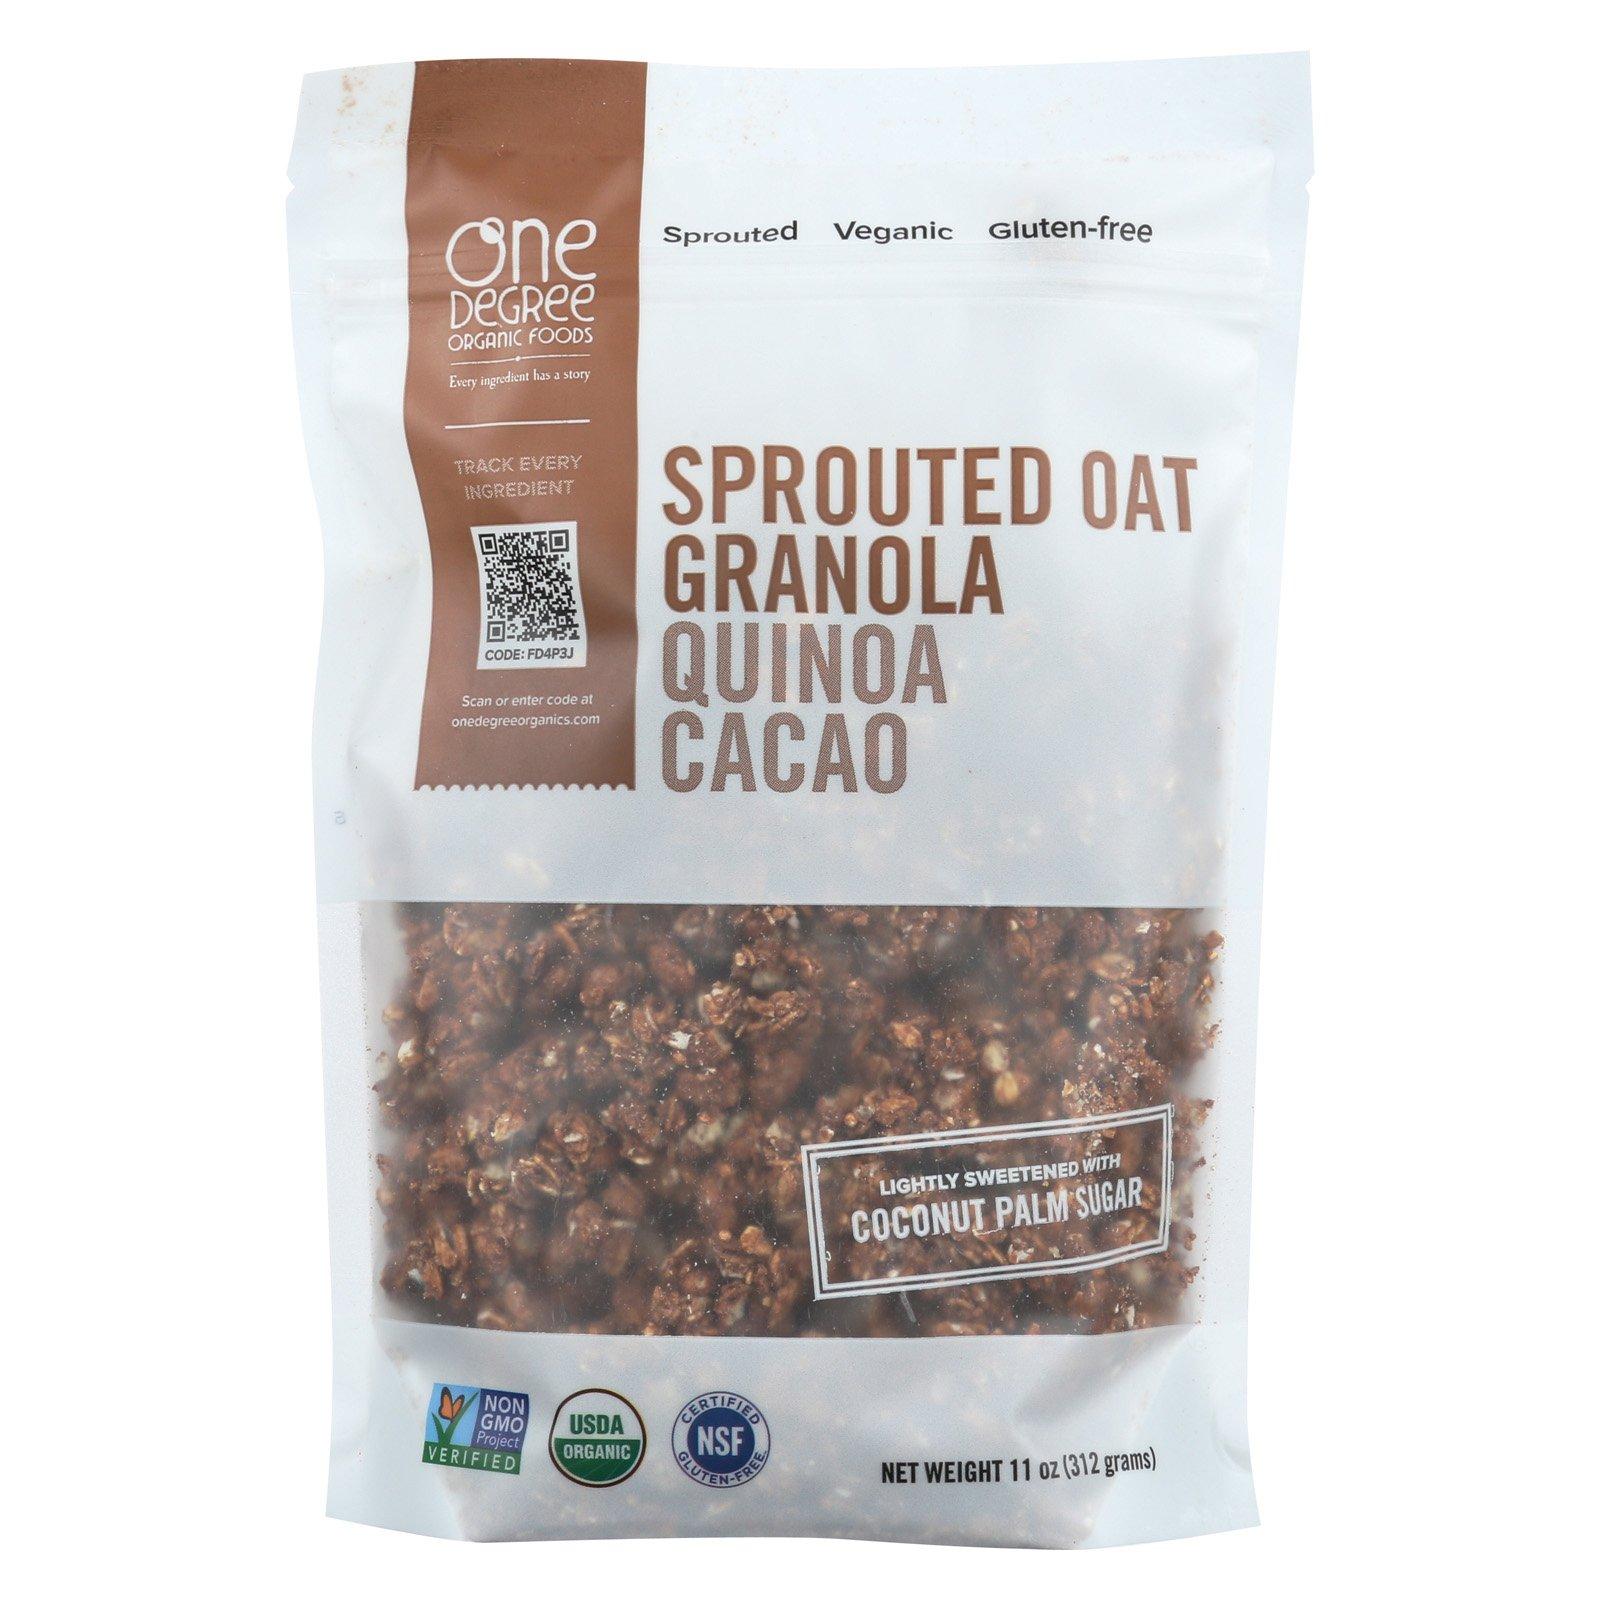 One Degree Organic Cacao Oat Quinoa Granola, 11 Ounce - 6 per case.